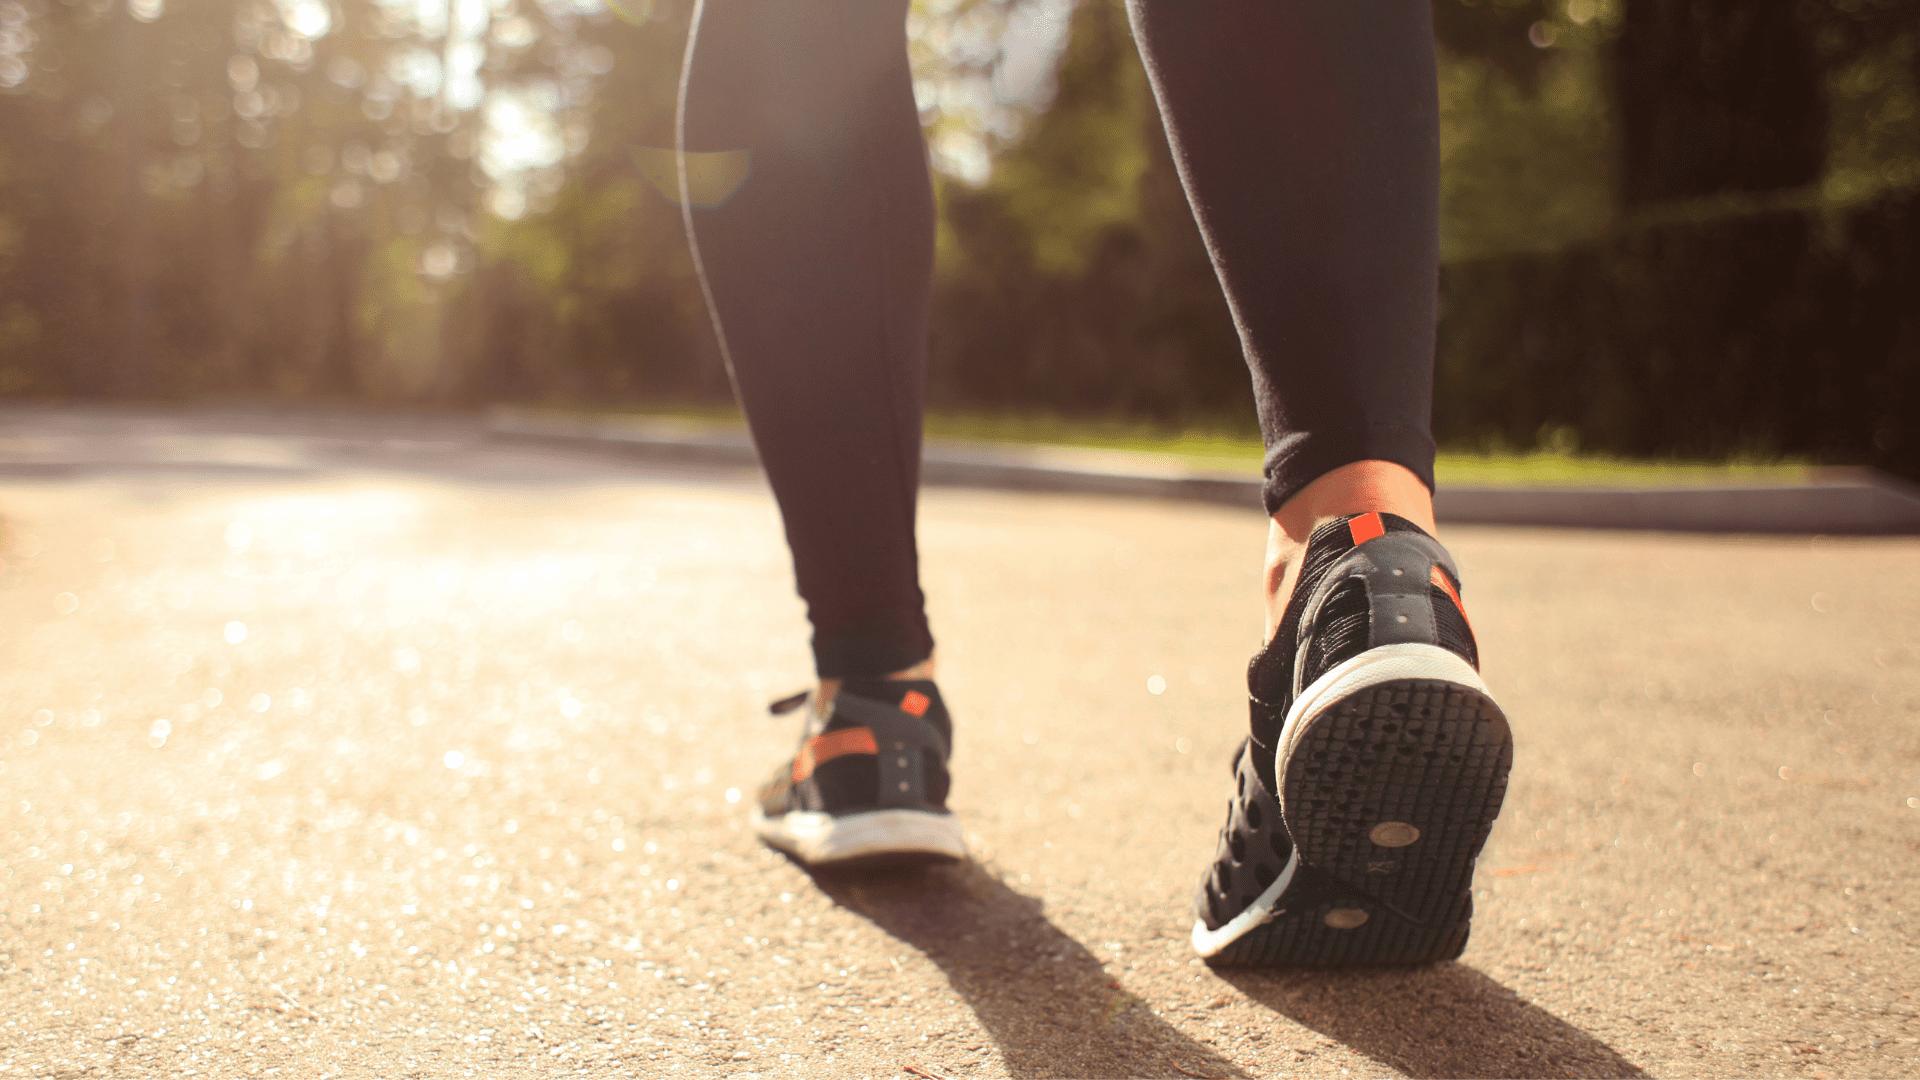 Confira o nosso guia com tudo o que você precisa saber antes de comprar um tênis para caminhada (Imagem: Reprodução/Shutterstock)